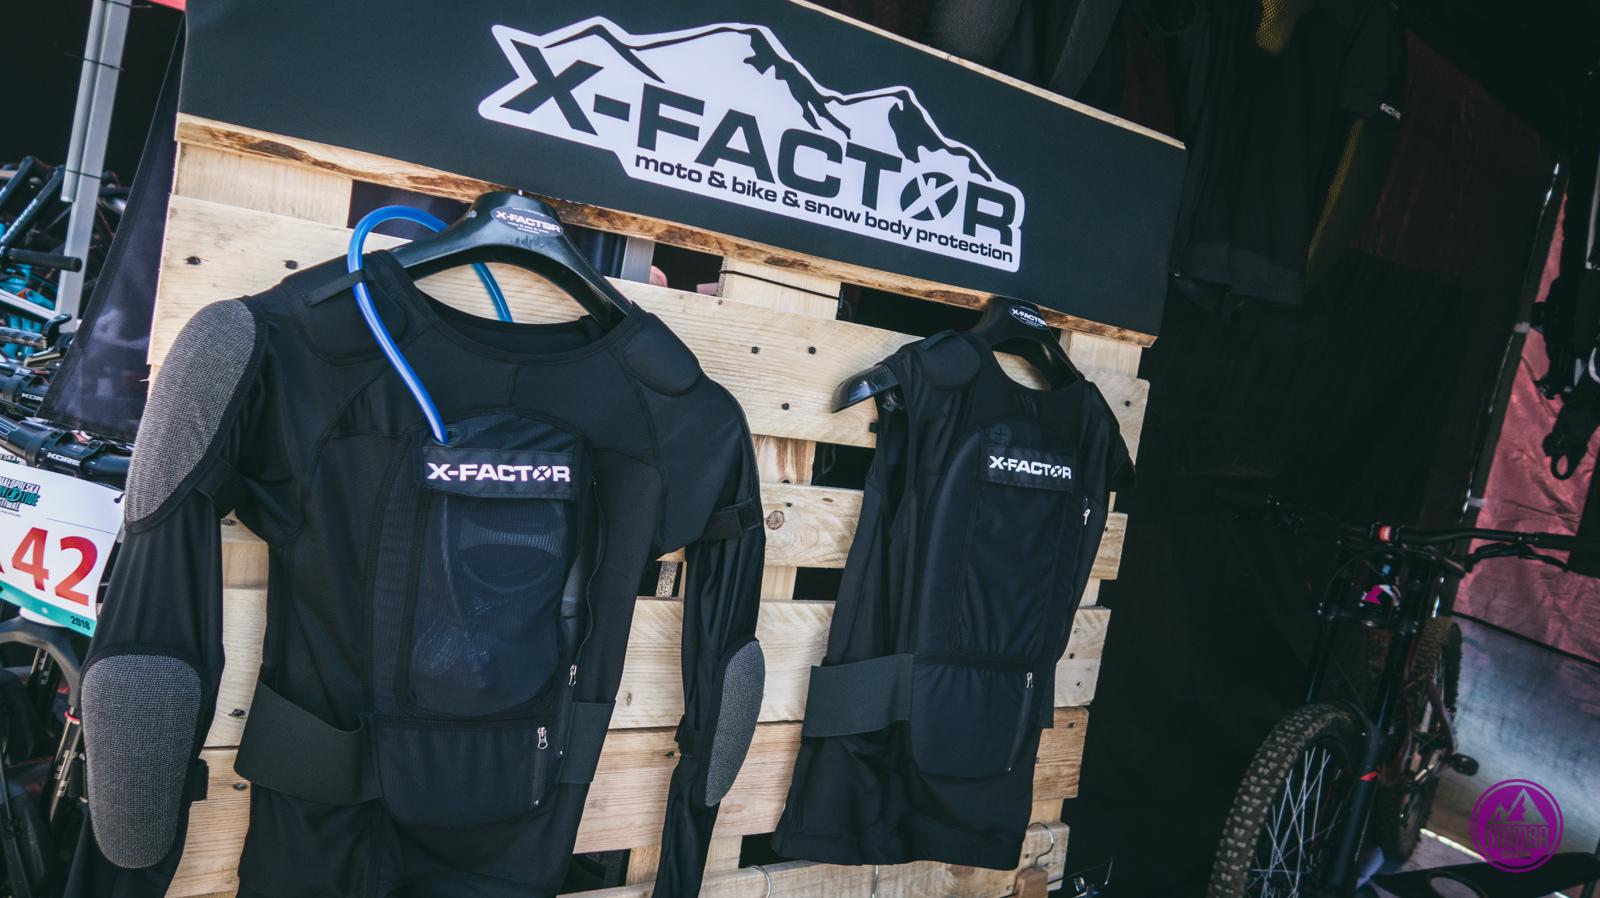 Ochraniacze i zbroje X-factor.